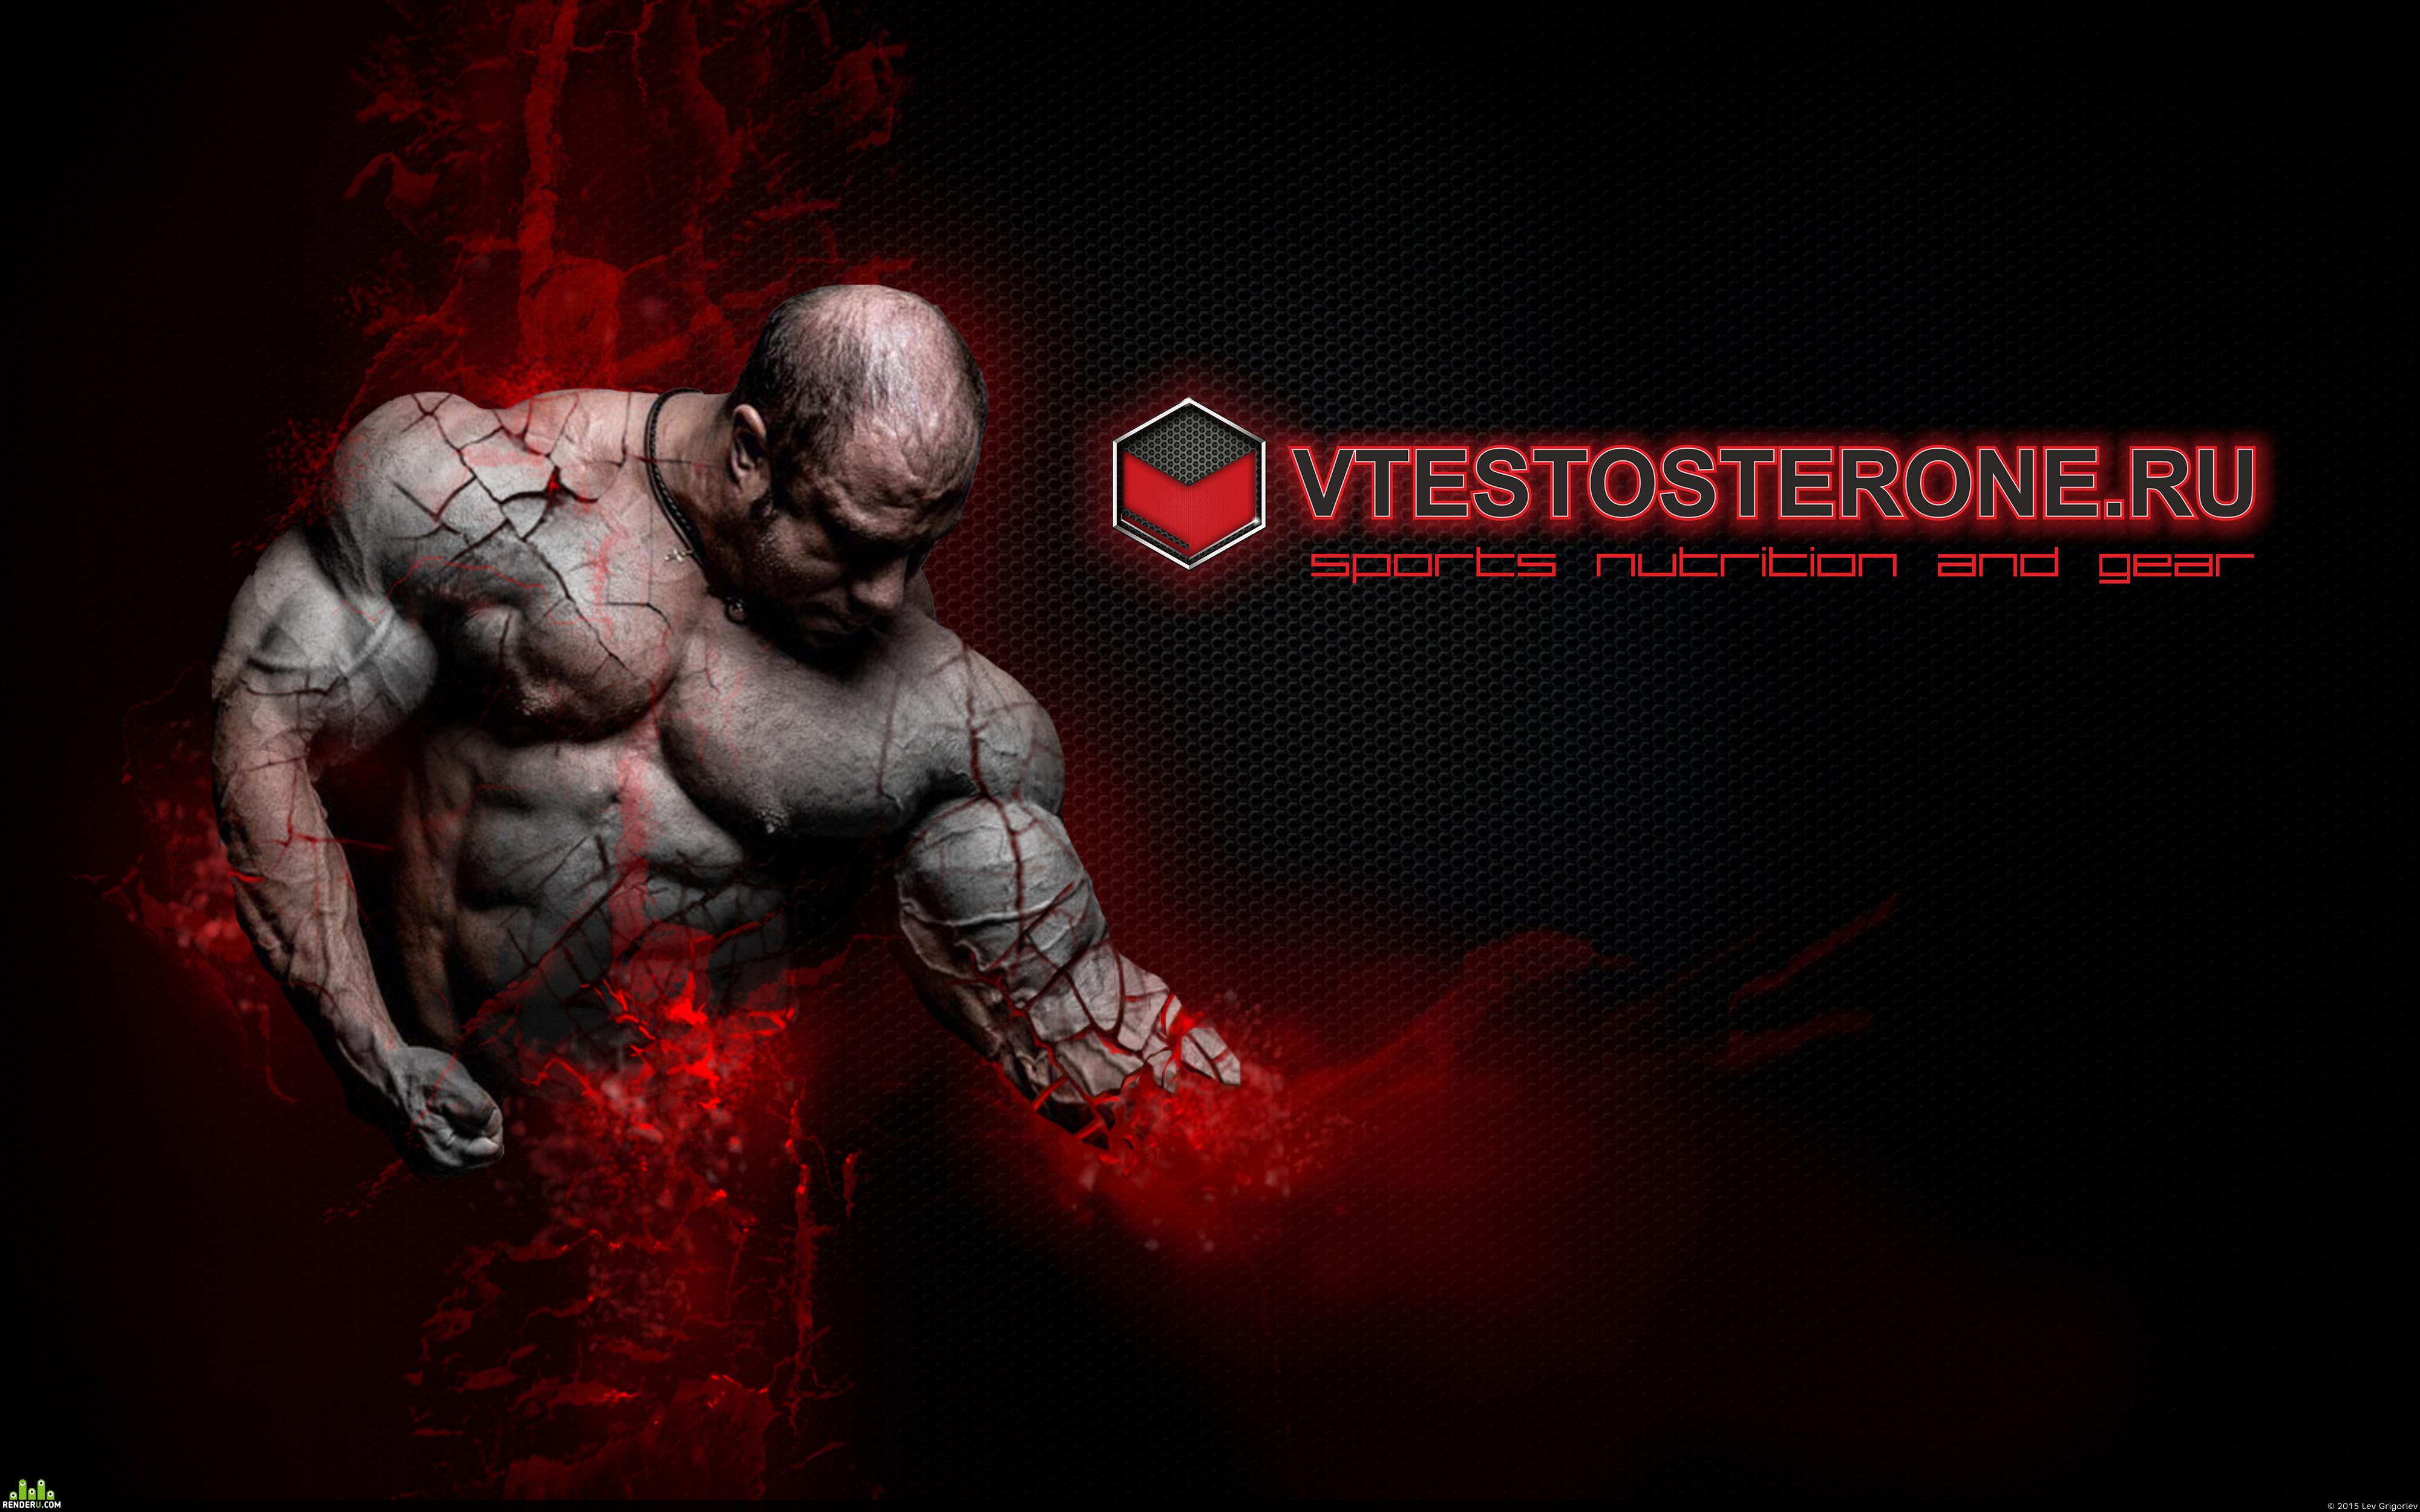 preview vtestosterone